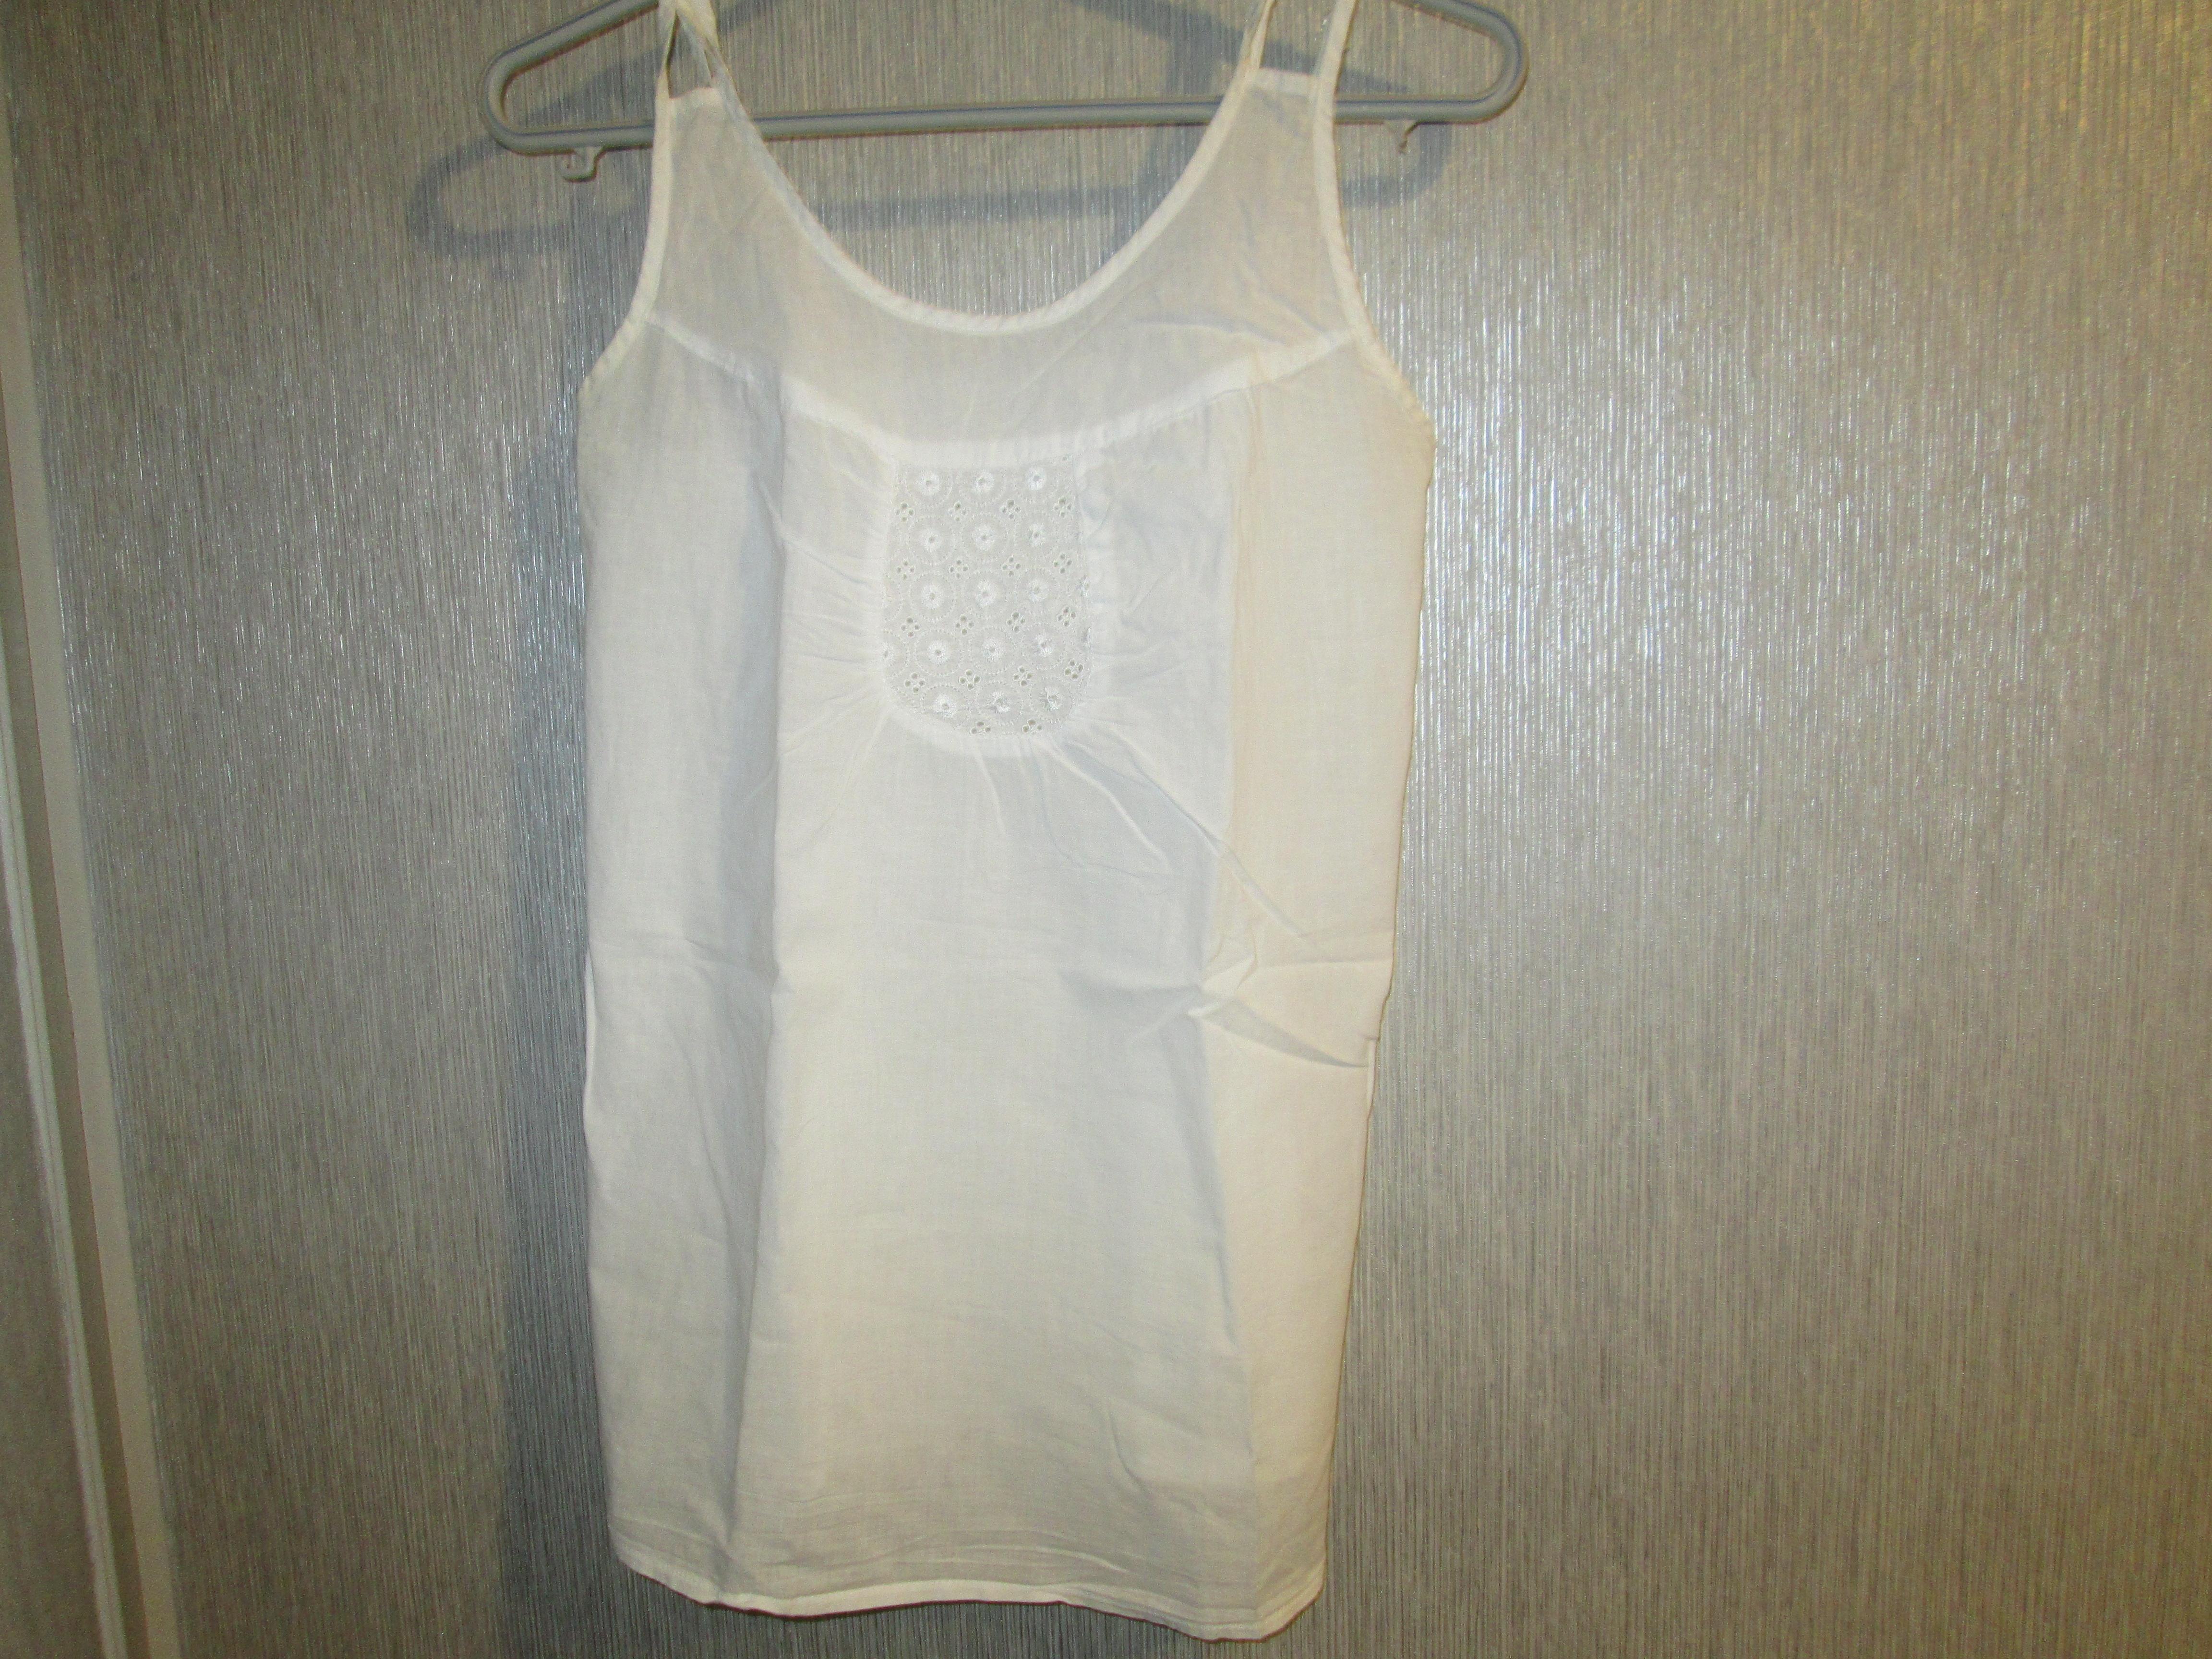 troc de troc chemisier blanc retro taille 40/42  6 noisettes image 0